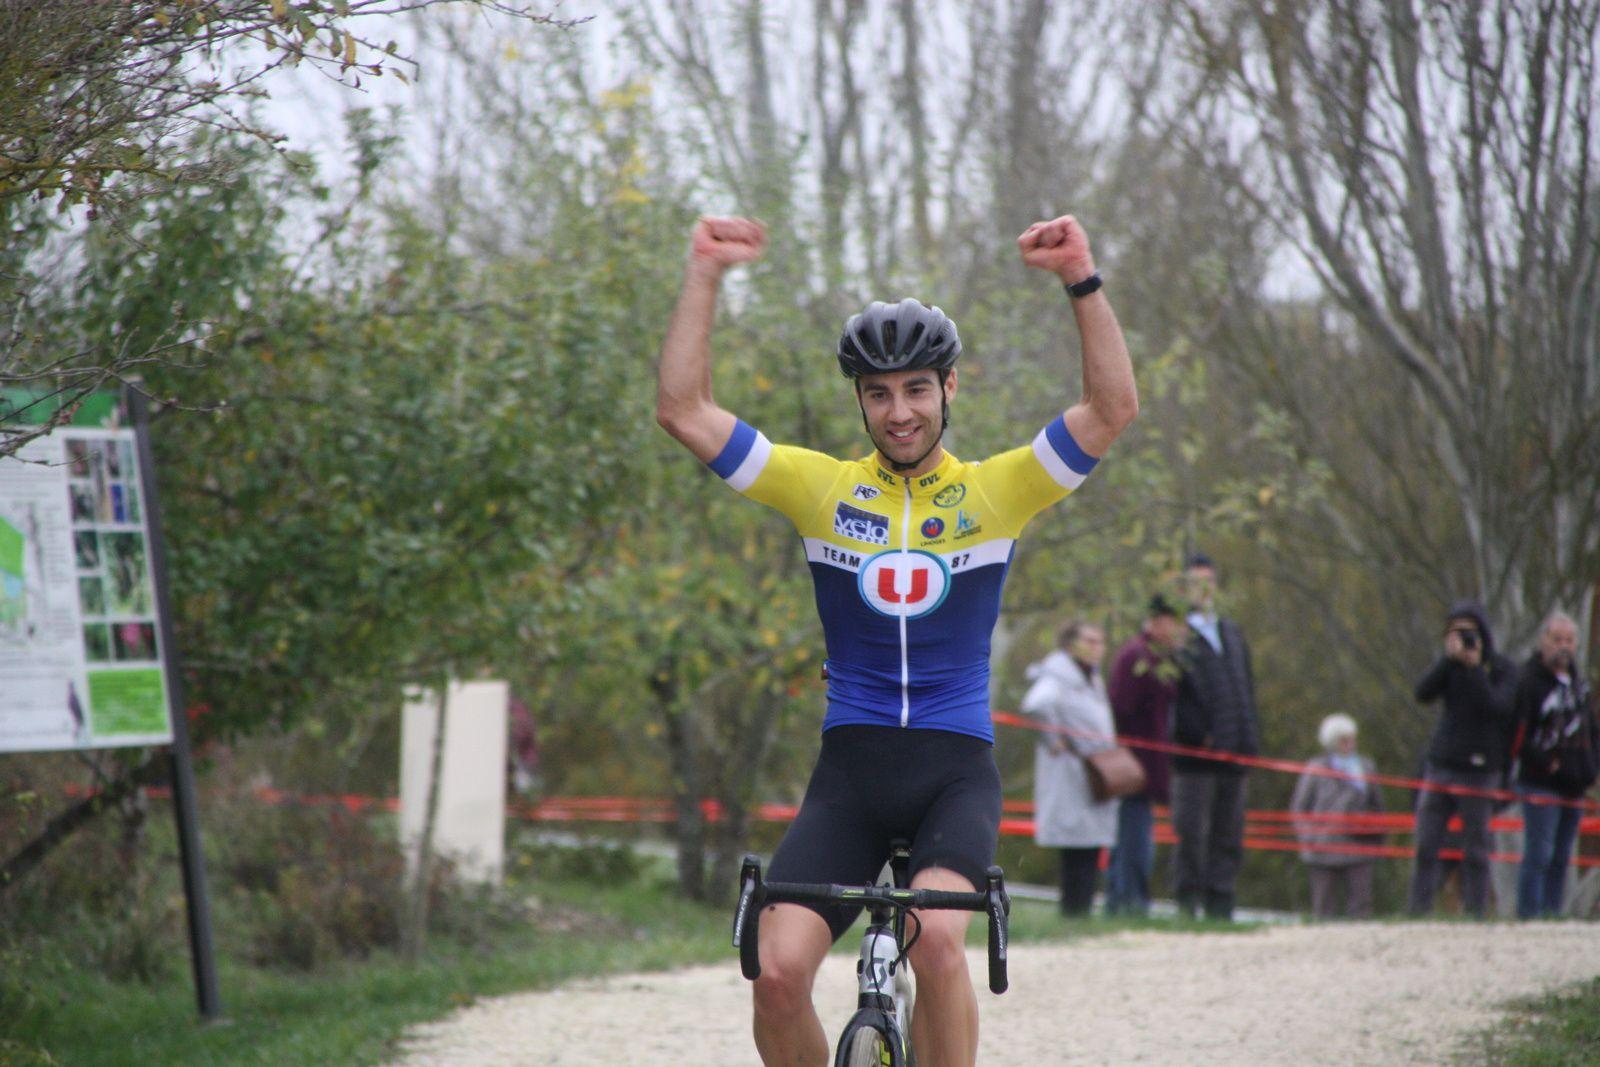 L'arrivée  et  la  victoire  pour  Rémi  EPRINCHARD(UV  Limoges)